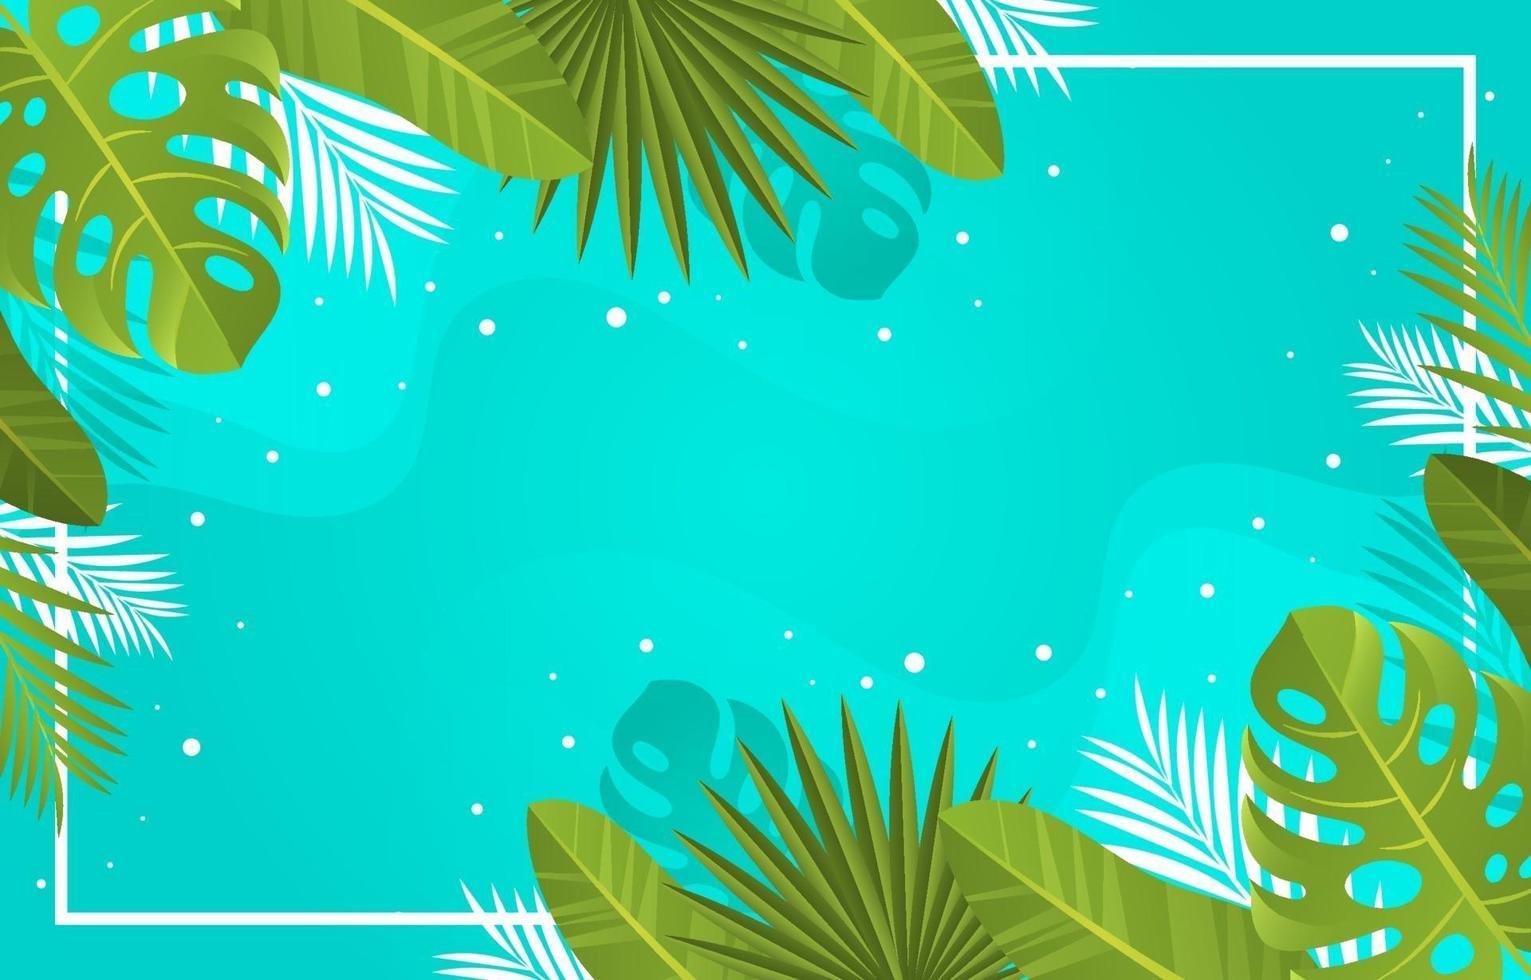 Sommer Natur Hintergrund vektor